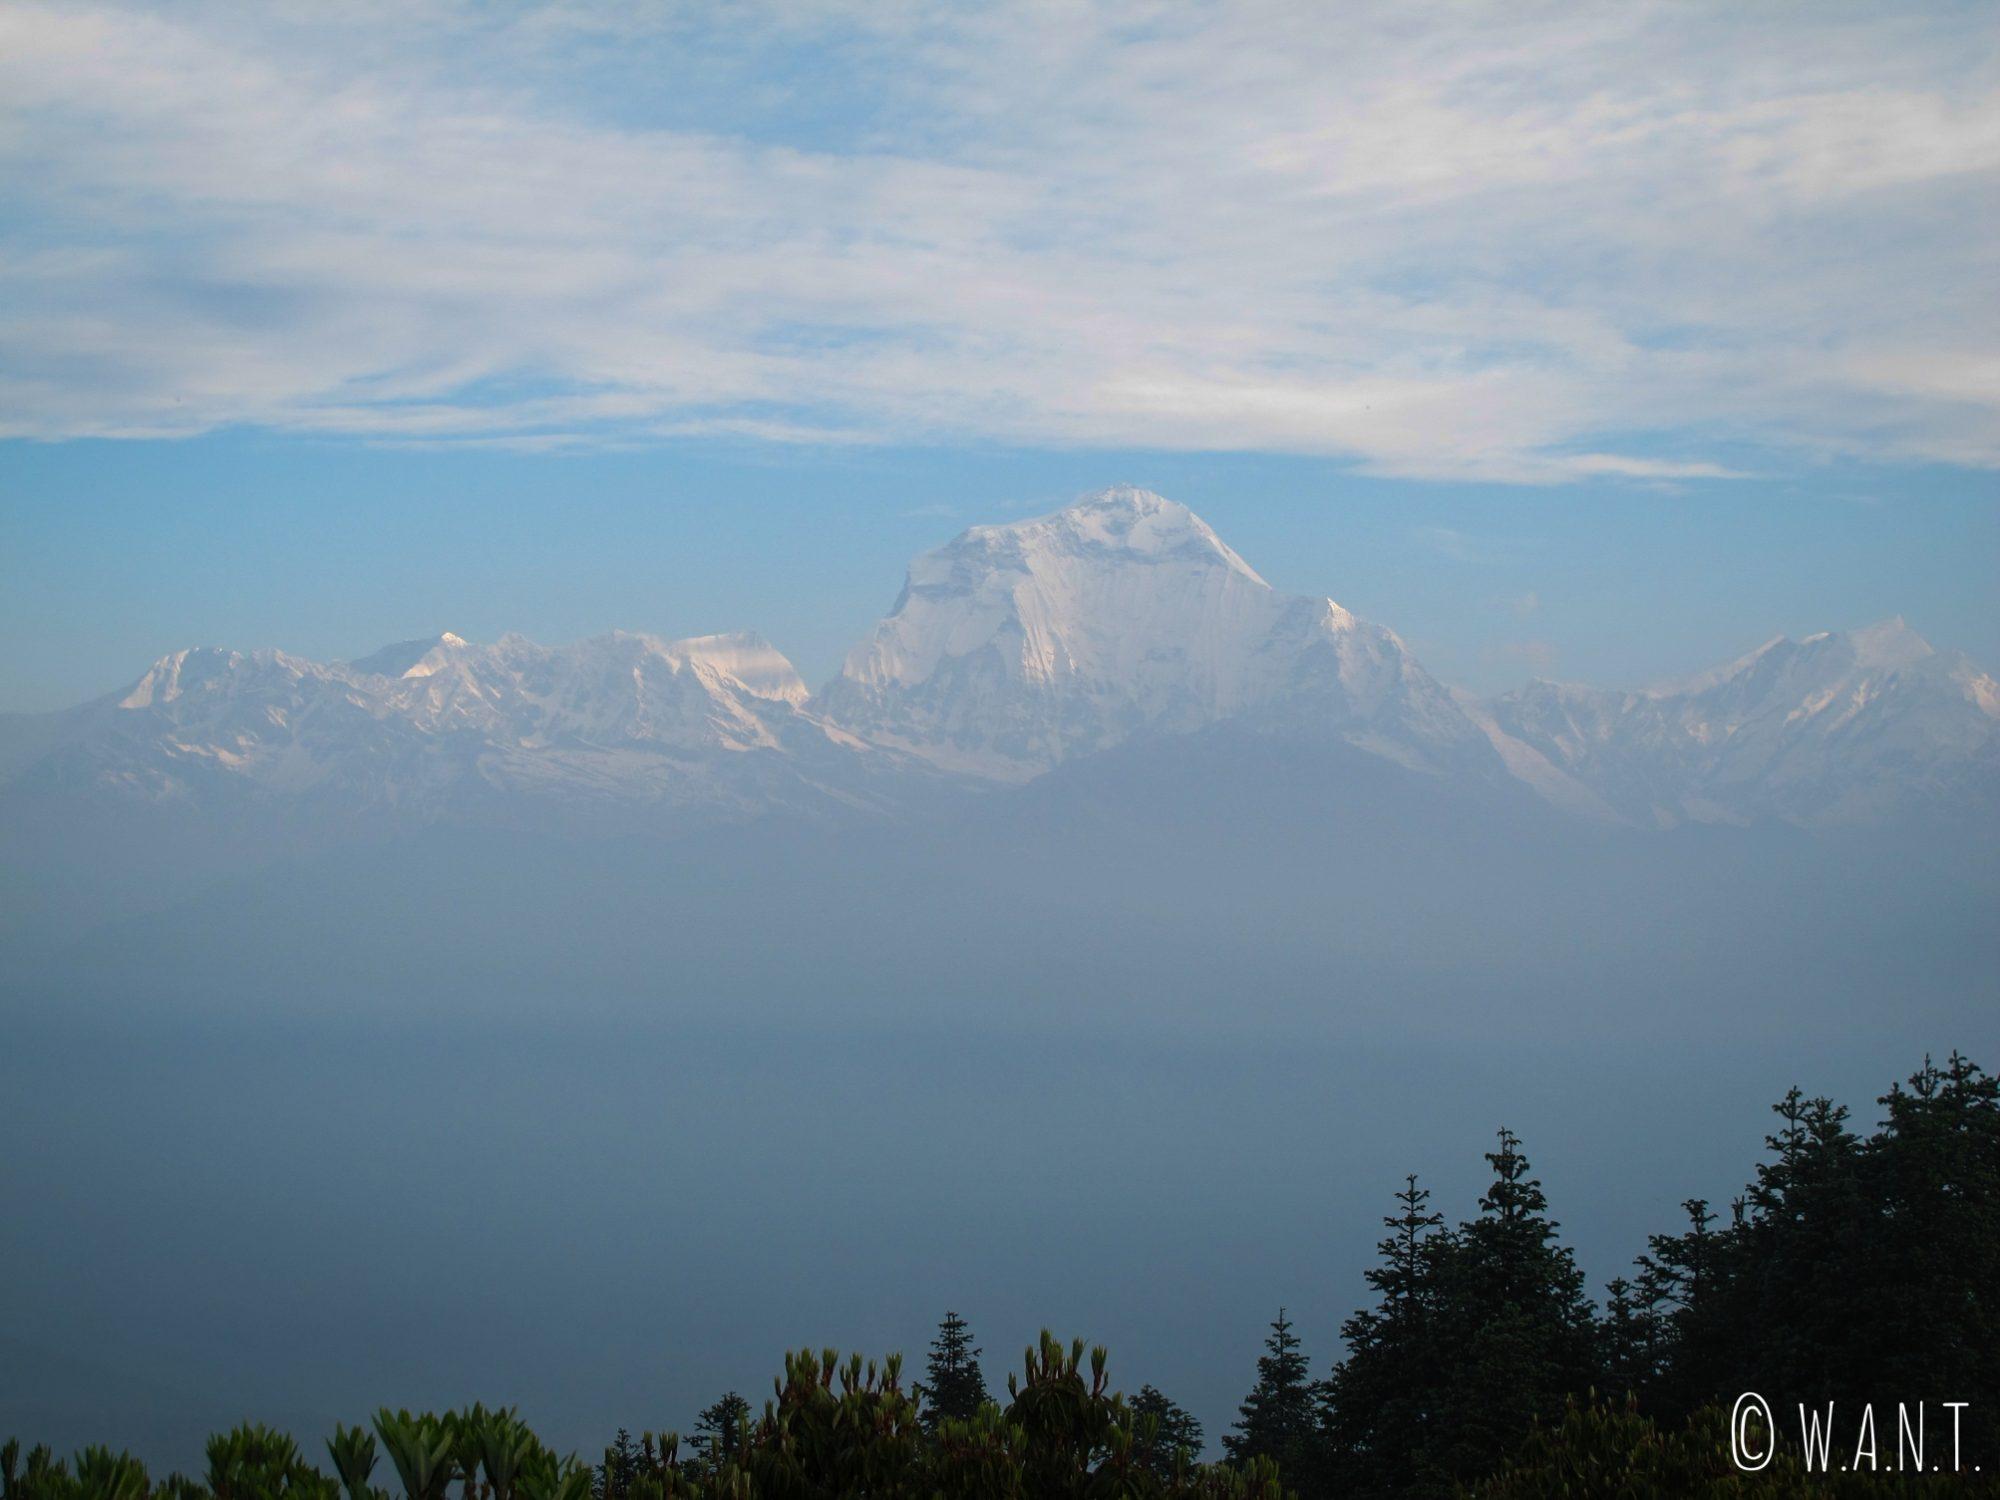 Nous avons eu la chance d'admirer le Dhaulagiri depuis Poon Hill pendant quelques instants